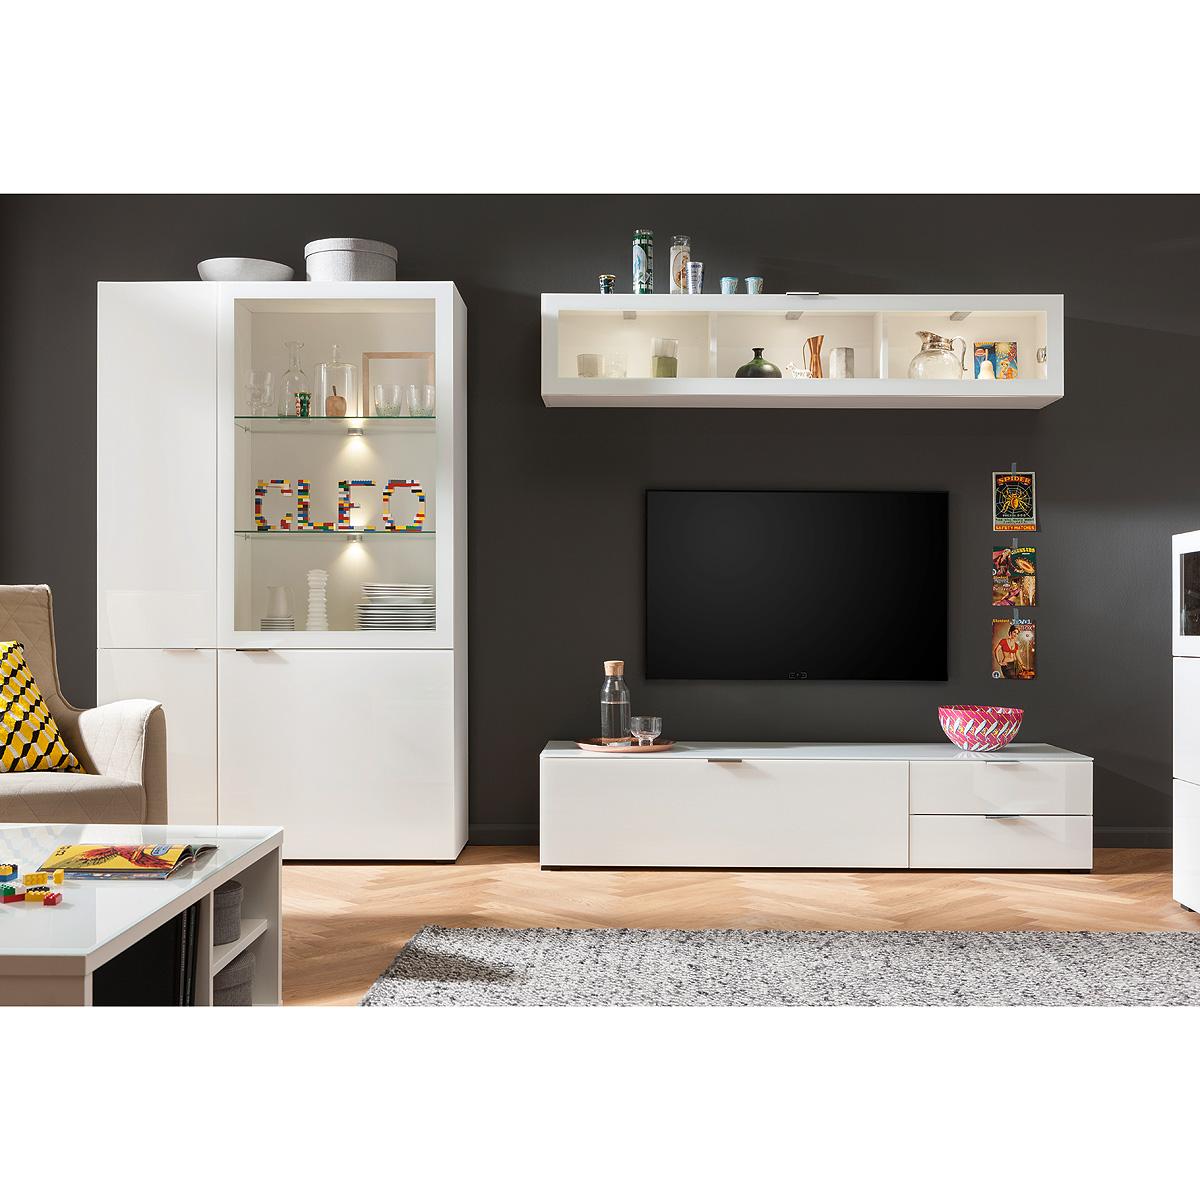 Wohnzimmer Holztisch Phantasievolle Inspiration